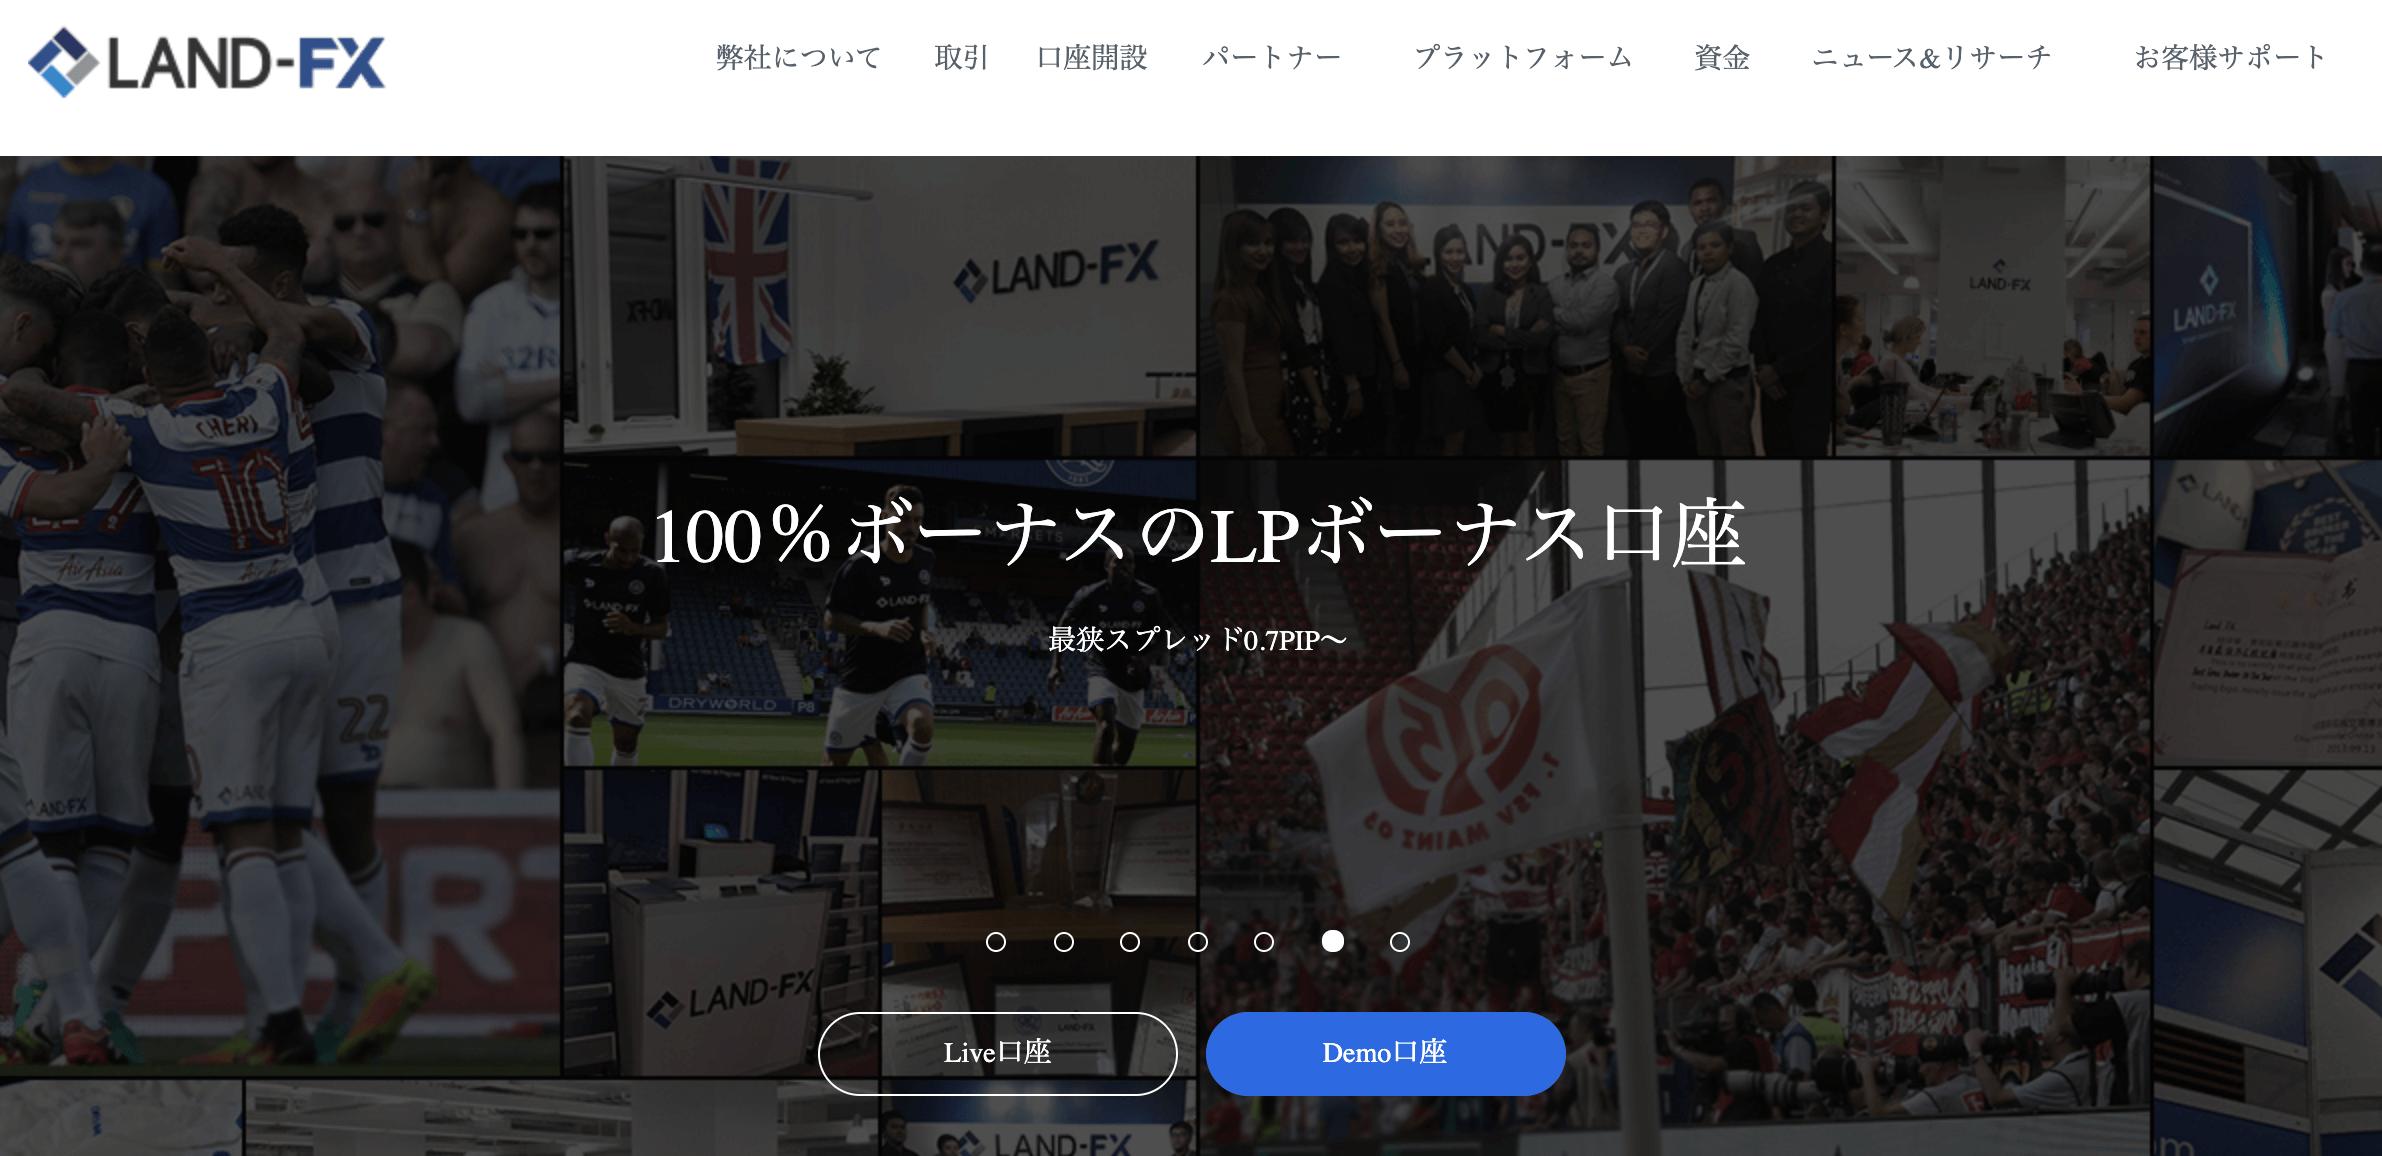 LANDFX(ランドFX)とは英国FCAライセンスを持つ海外FX業者